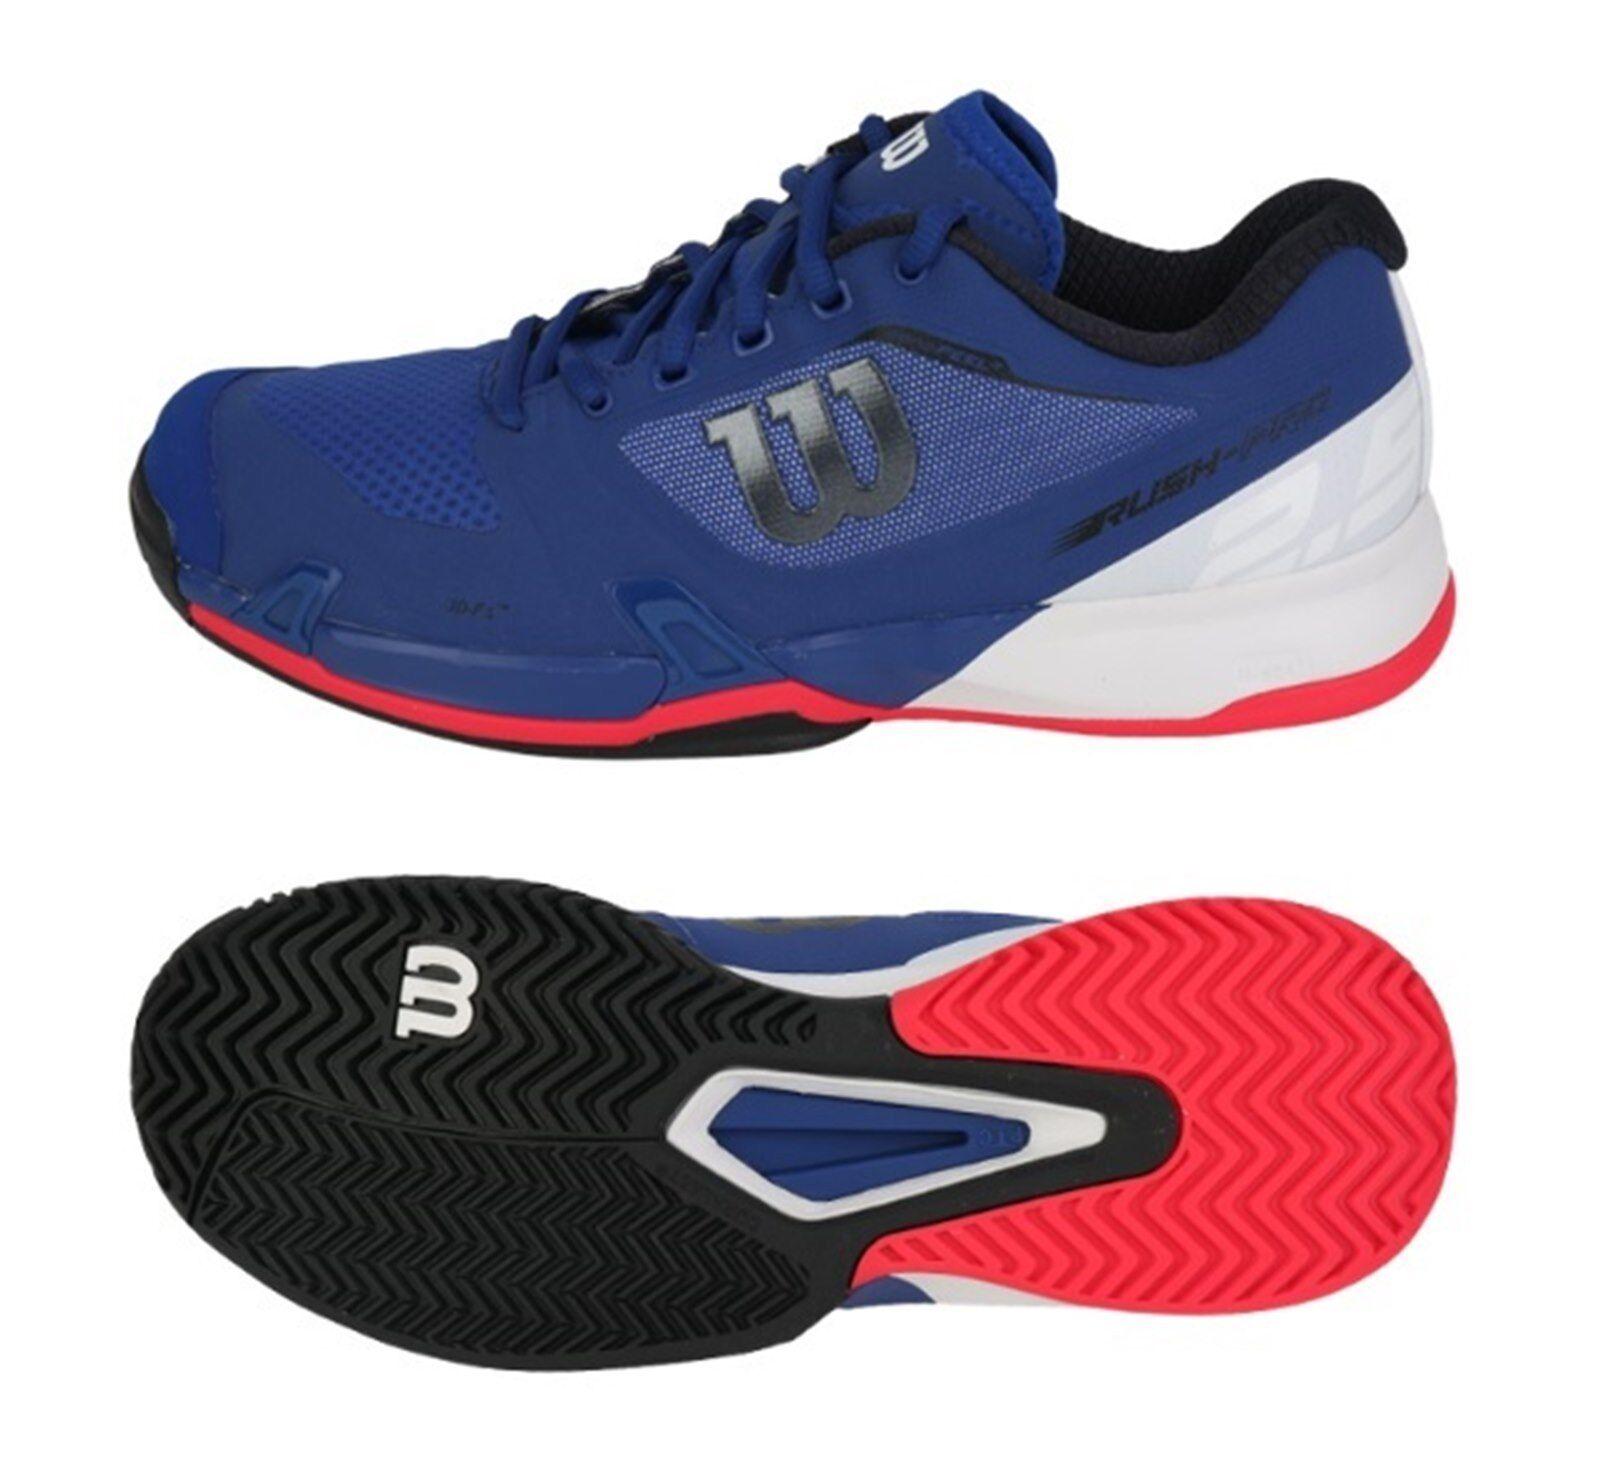 Wilson Rush Pro 2.5 De Hombre Zapatos tenis De Correr Azul Marino Raqueta De Tenis Zapato WRS323660